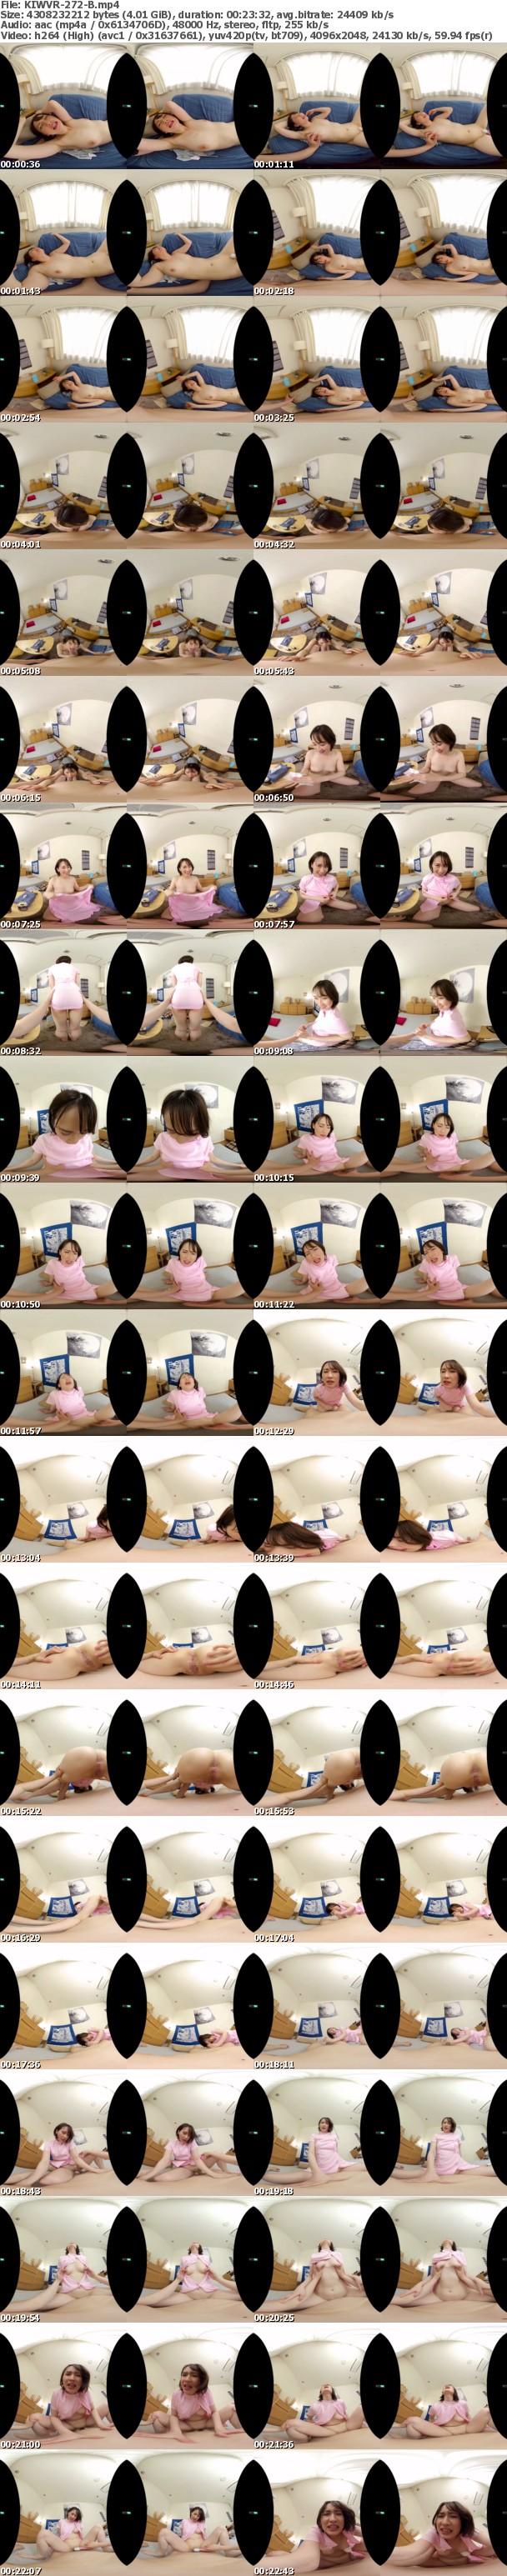 (VR) KIWVR-272 【ヤリマン数珠つなぎ】「あなたより極エロなヤリマン紹介してくれませんか?」セフレの友達はエロいのか!【ヤリマン臭ぷんぷん女子】にナースコスさせて絶頂連発イカセ【喉奥】【中出し】【顔射】猛烈SEX ミウ